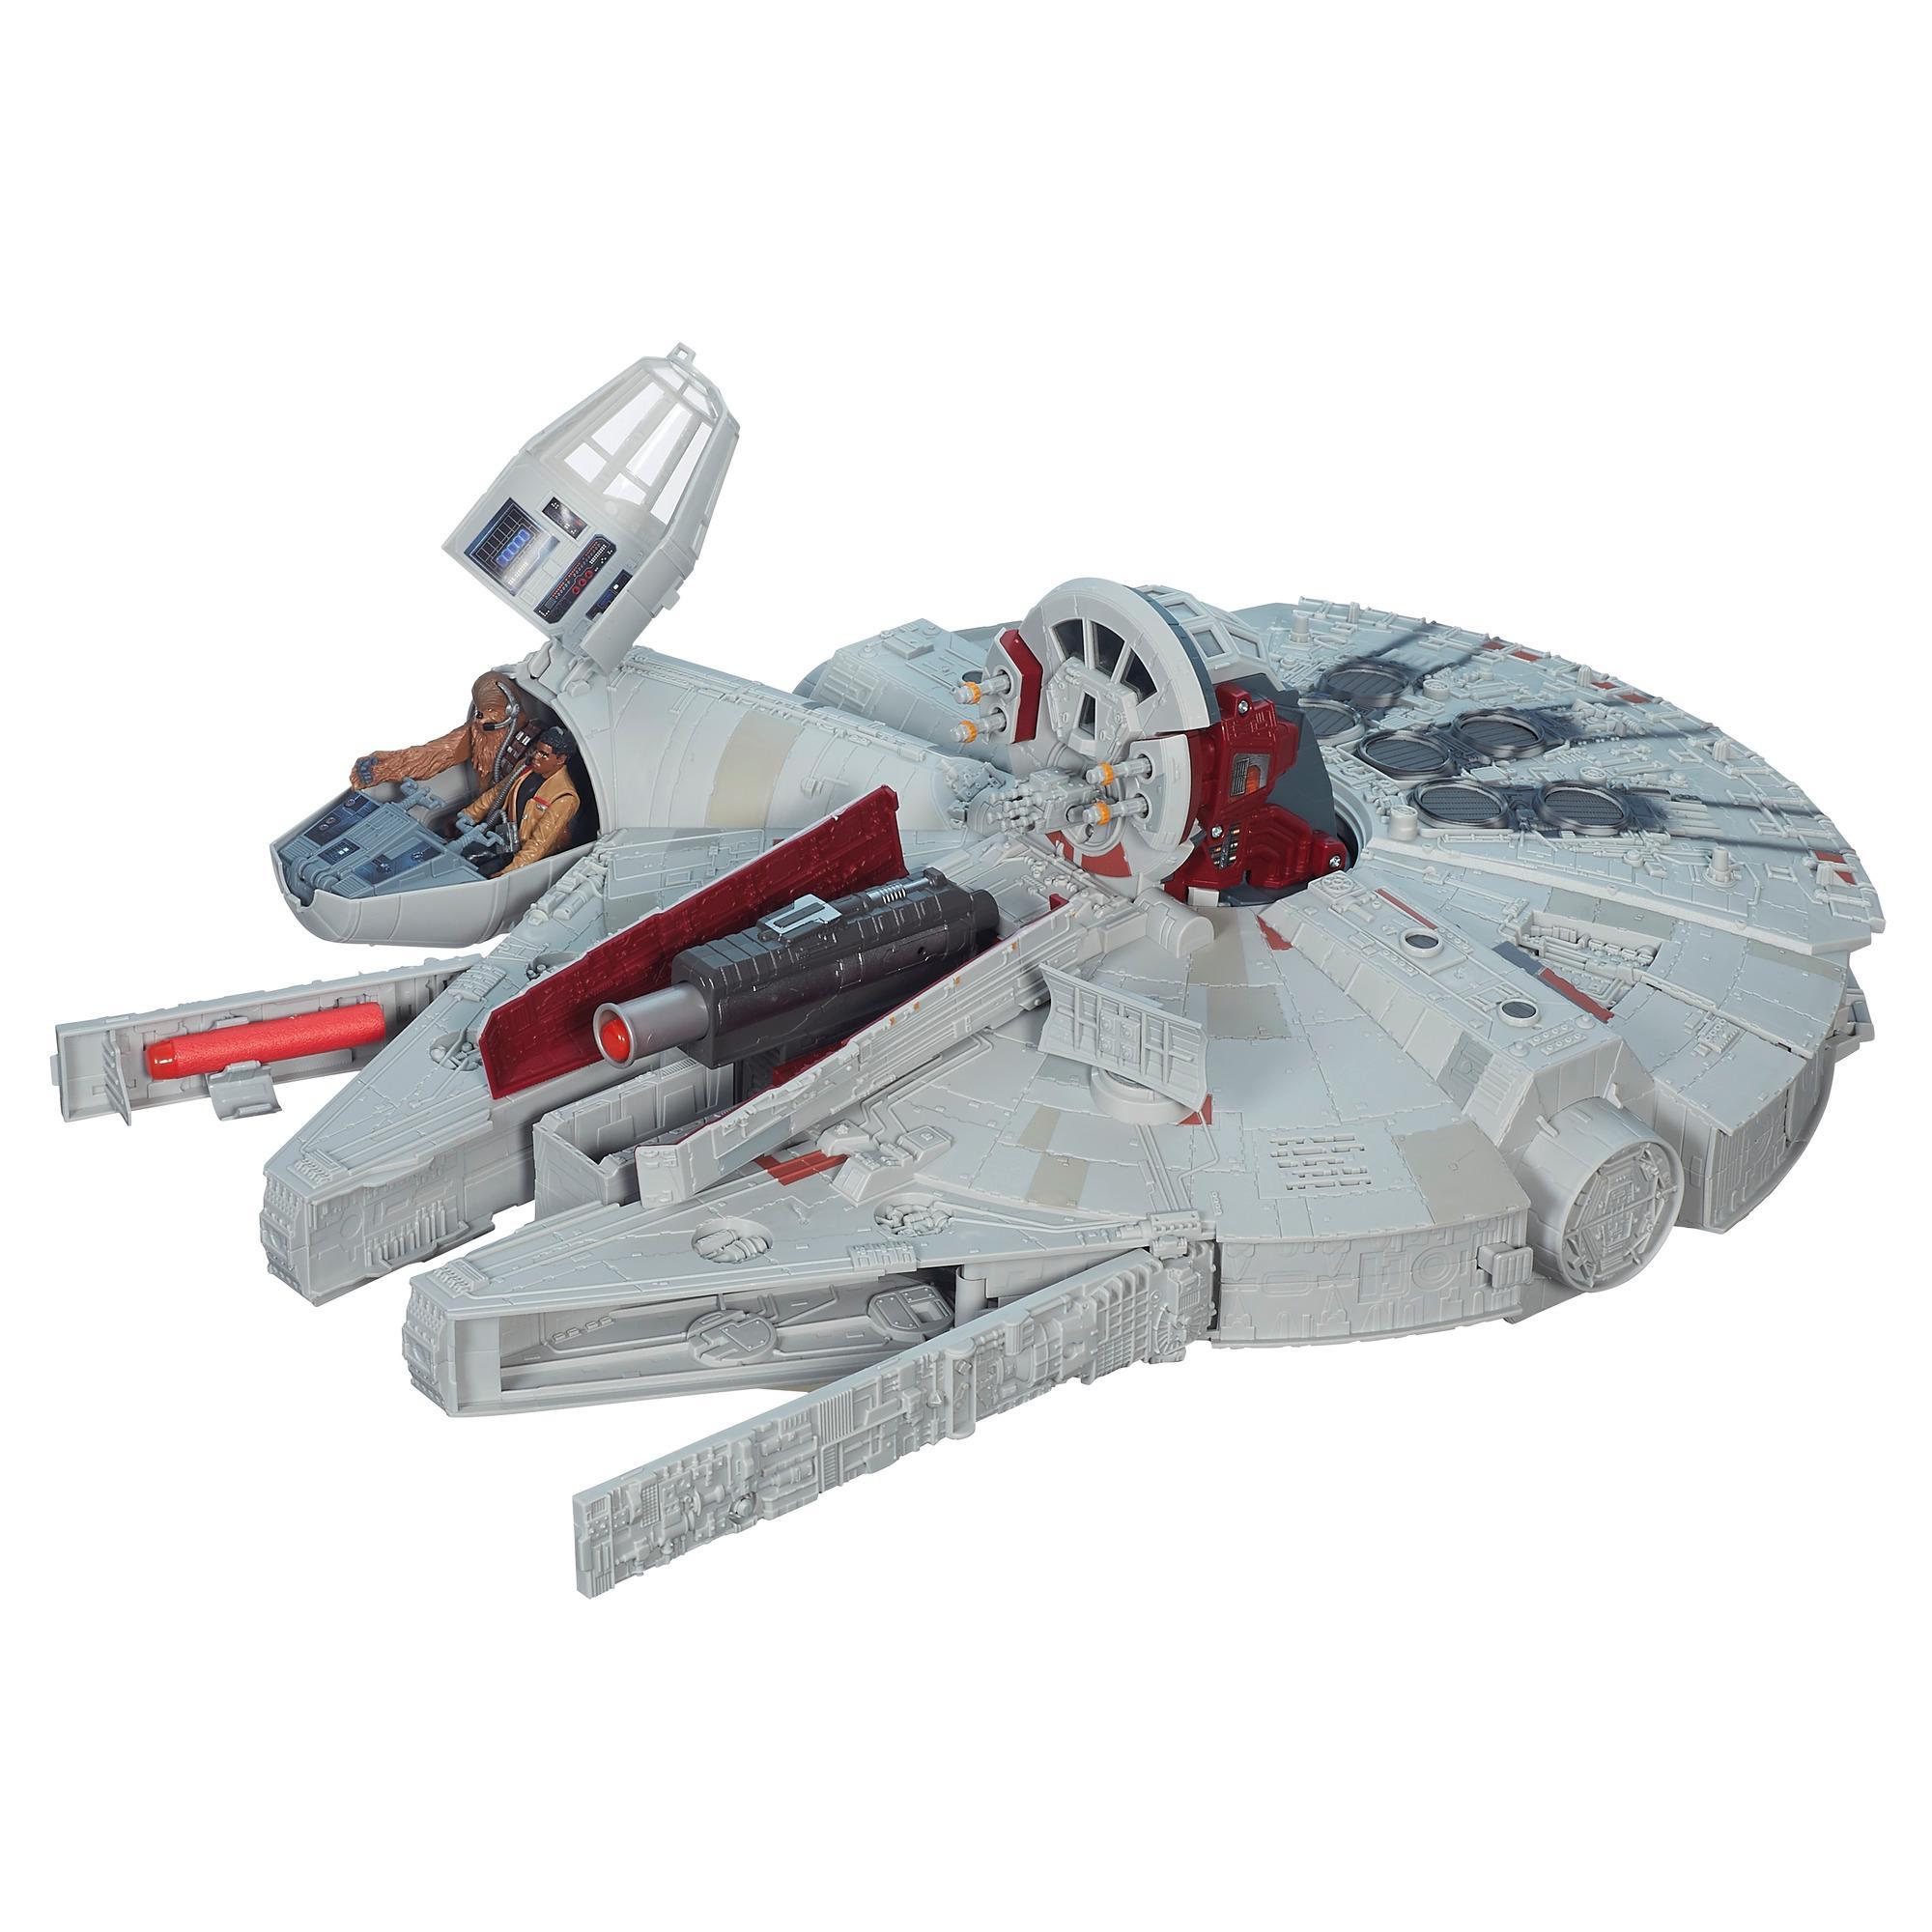 iCollec Star Wars Command – A8949 – Millennium Falcon – 7